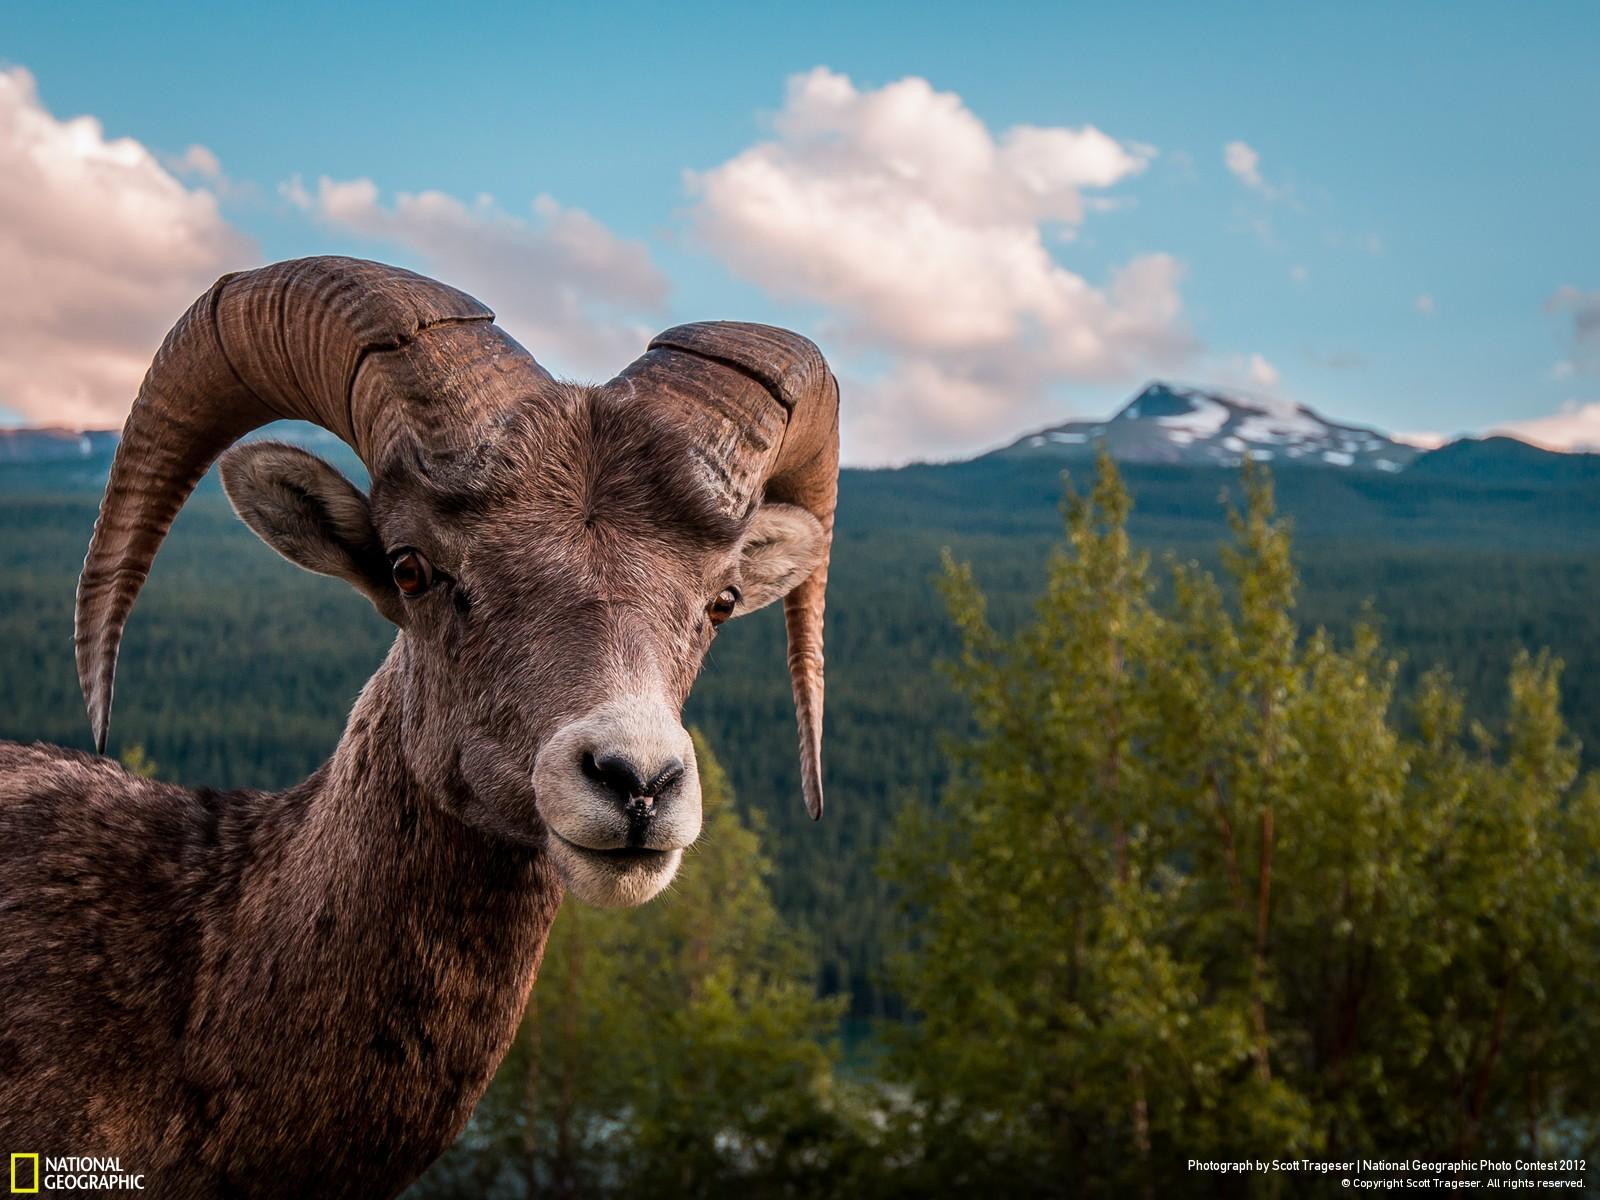 30 Лучшие фотографии за 2012 год по версии National Geographic